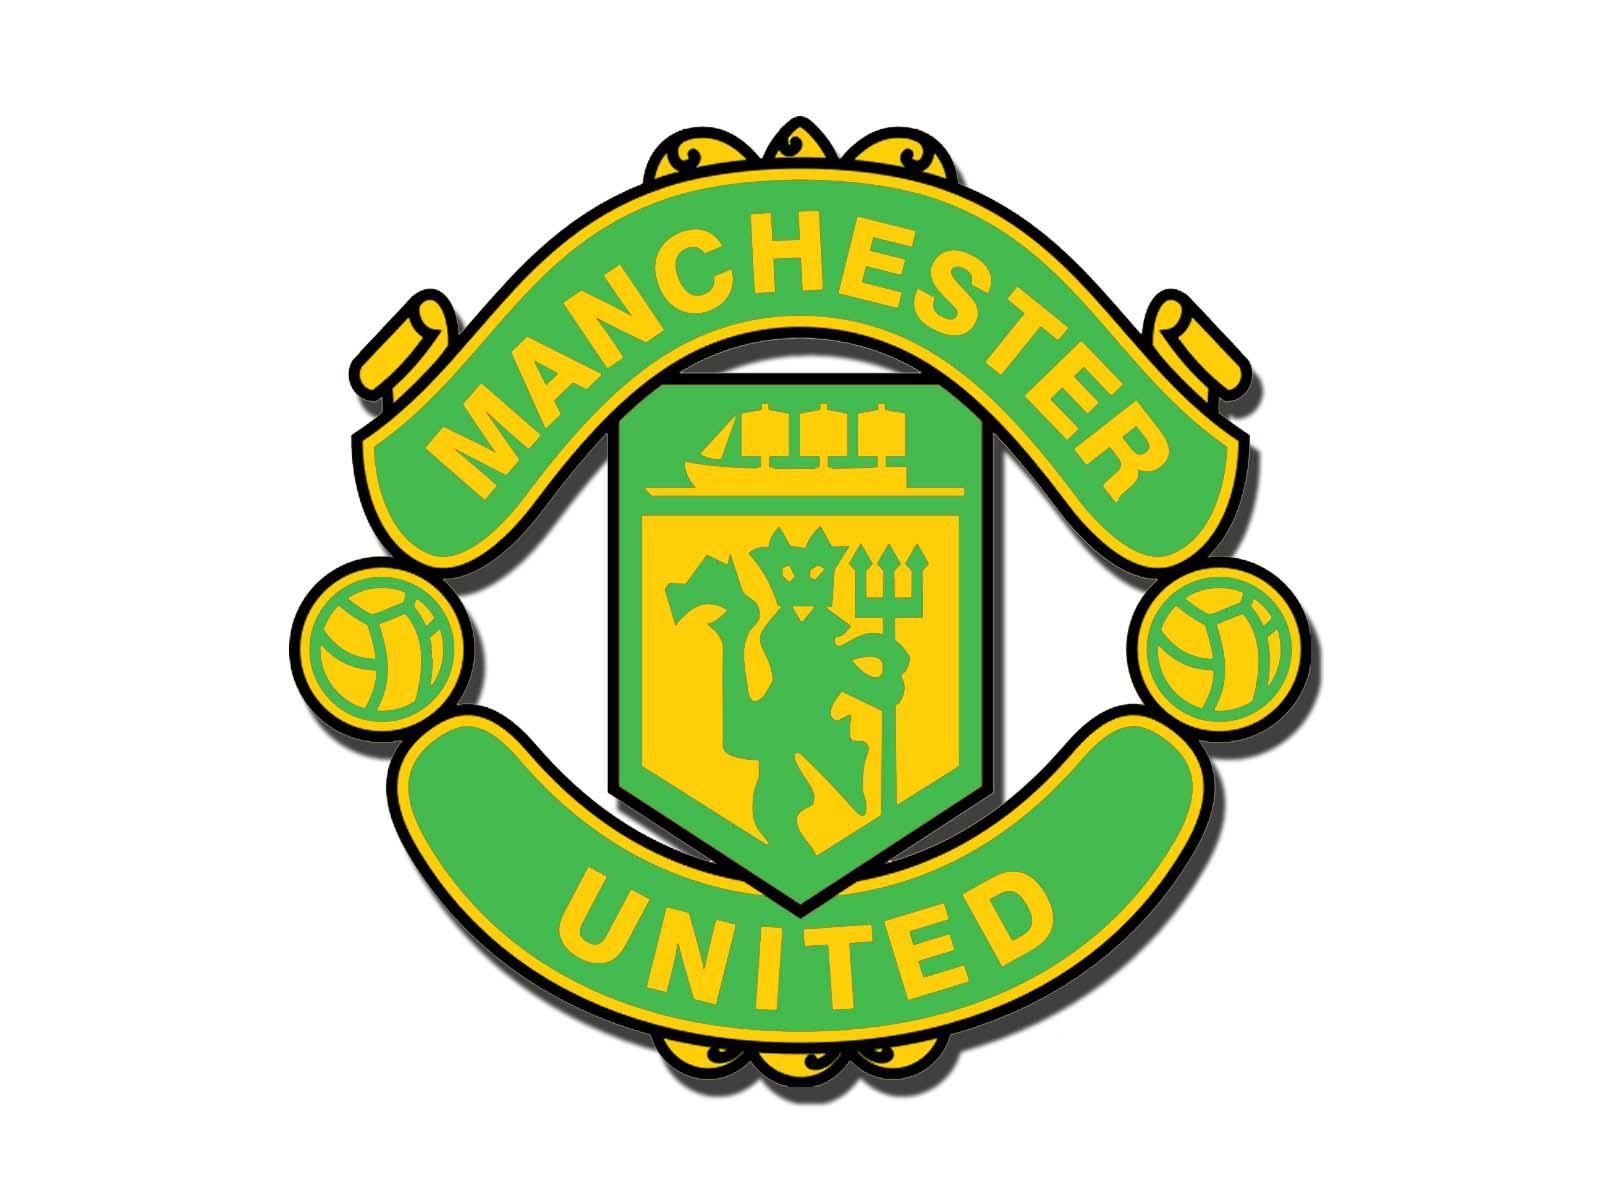 Ảnh logo MU chế đẹp